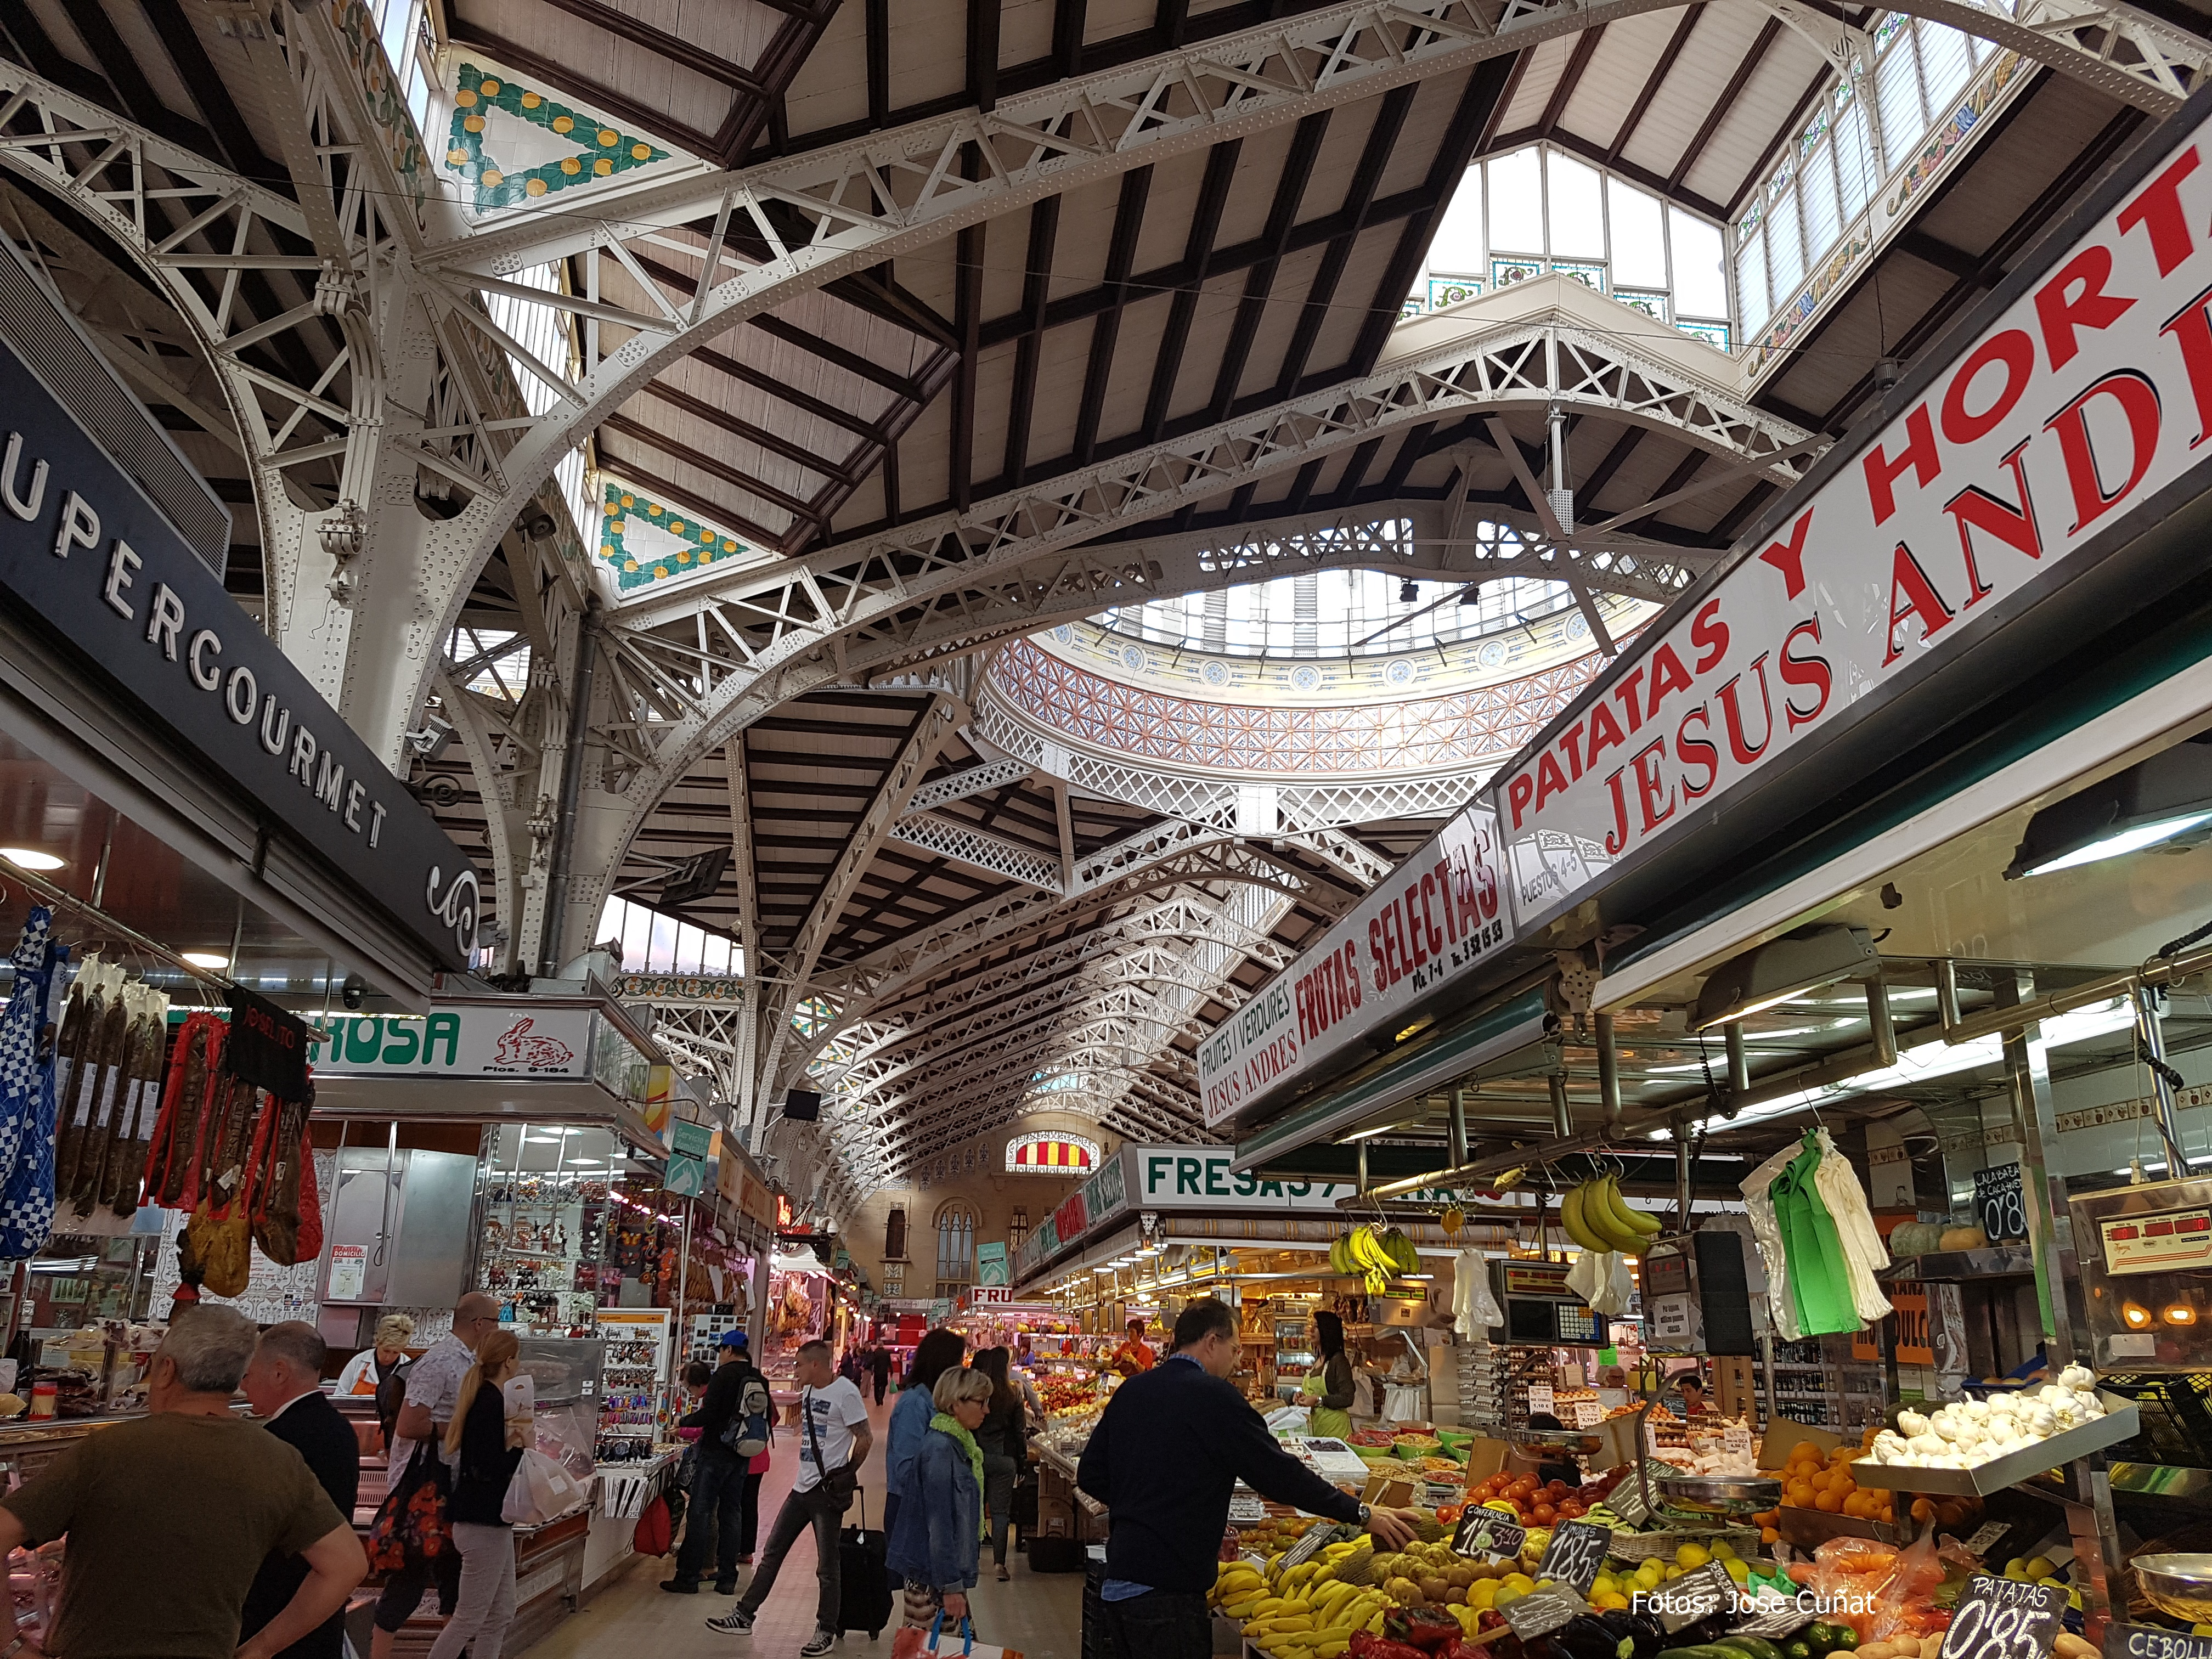 El mercado Central de Valencia entre los más bellos del mundo